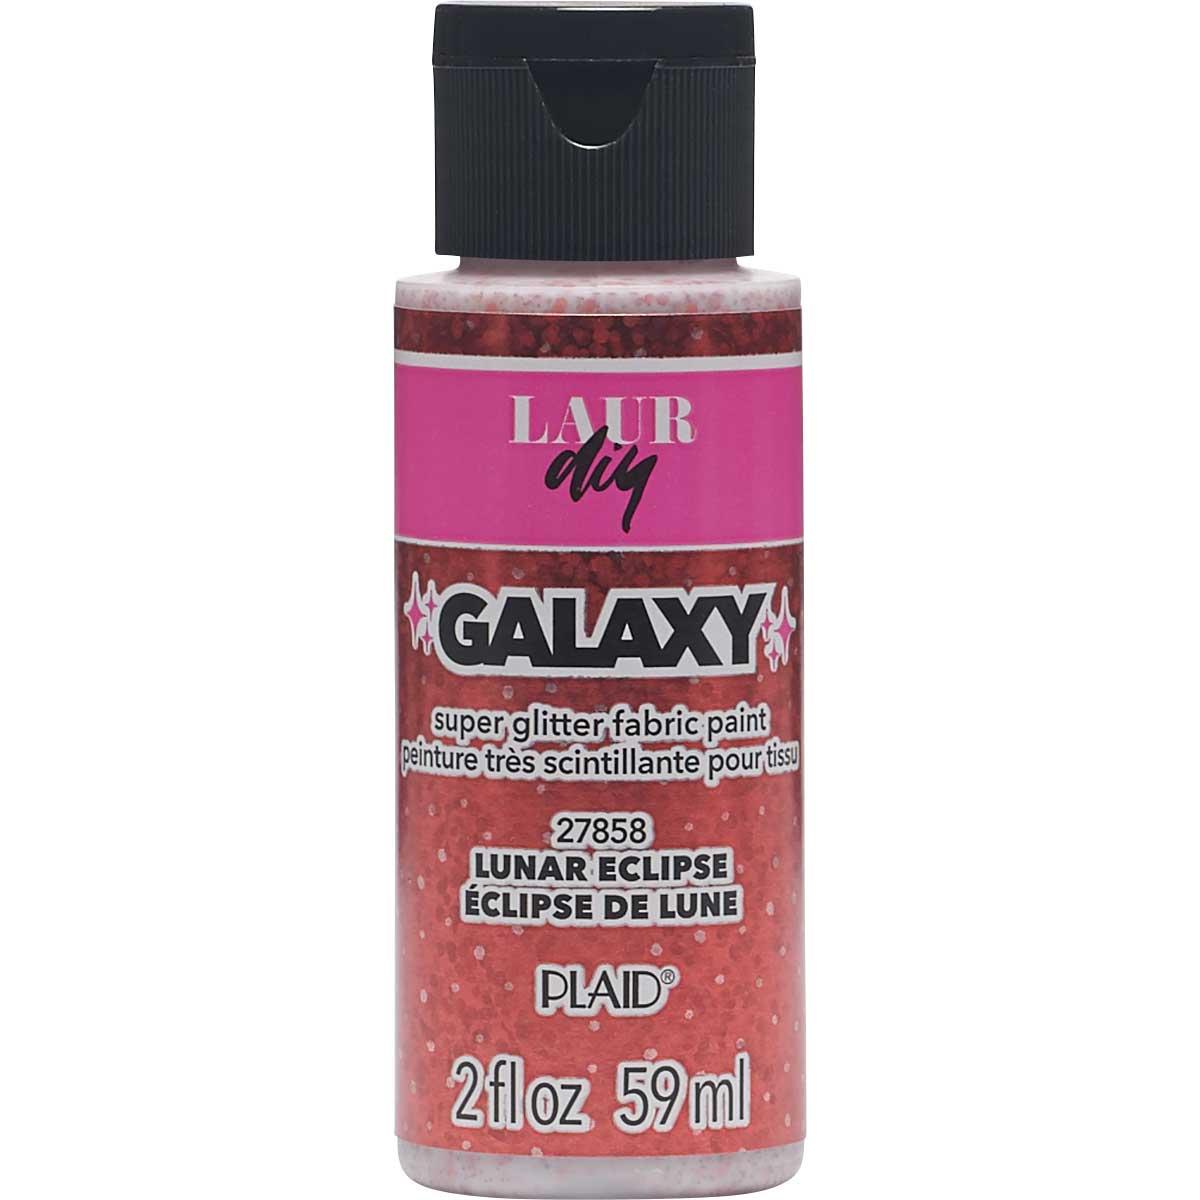 LaurDIY ® Galaxy Glitter Fabric Paint - Lunar Eclipse, 2 oz.